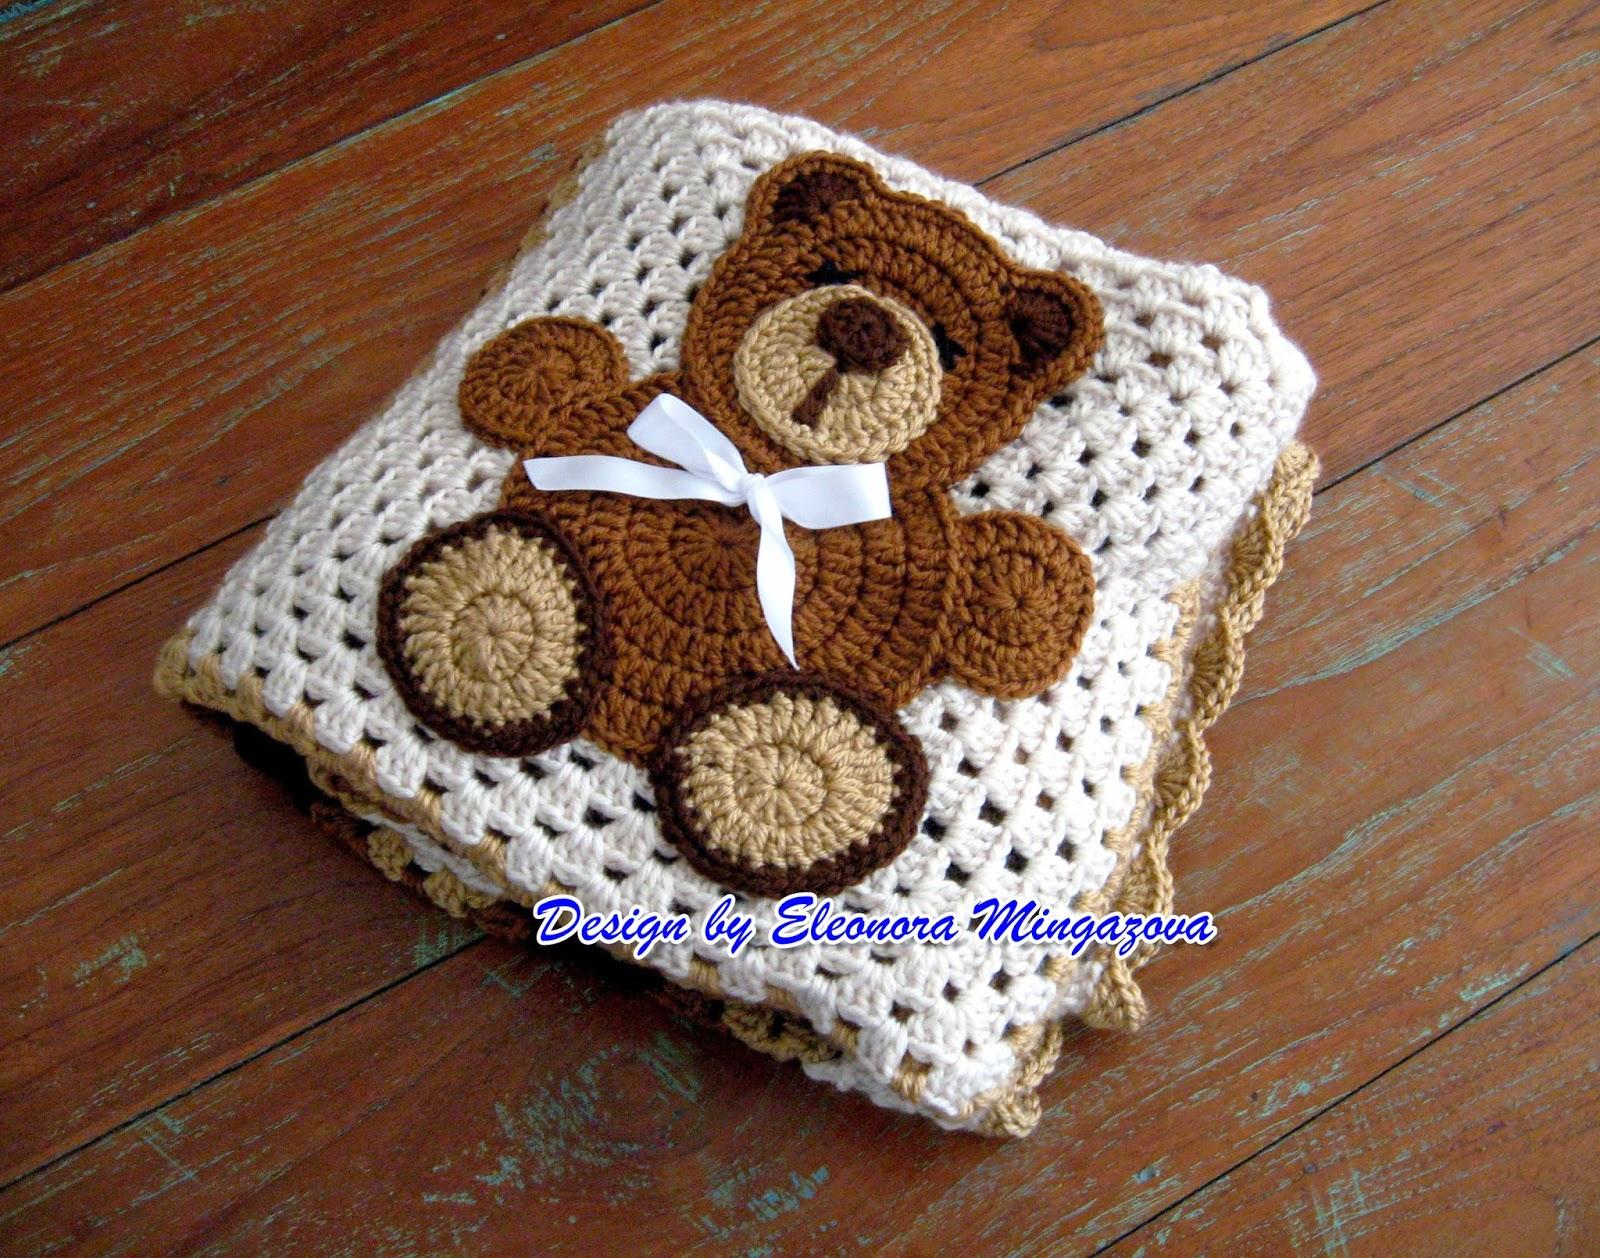 Free Crochet Patterns Teddy Bear Blanket : Love Crochet: March 2014 Crochet Pinterest Crochet ...